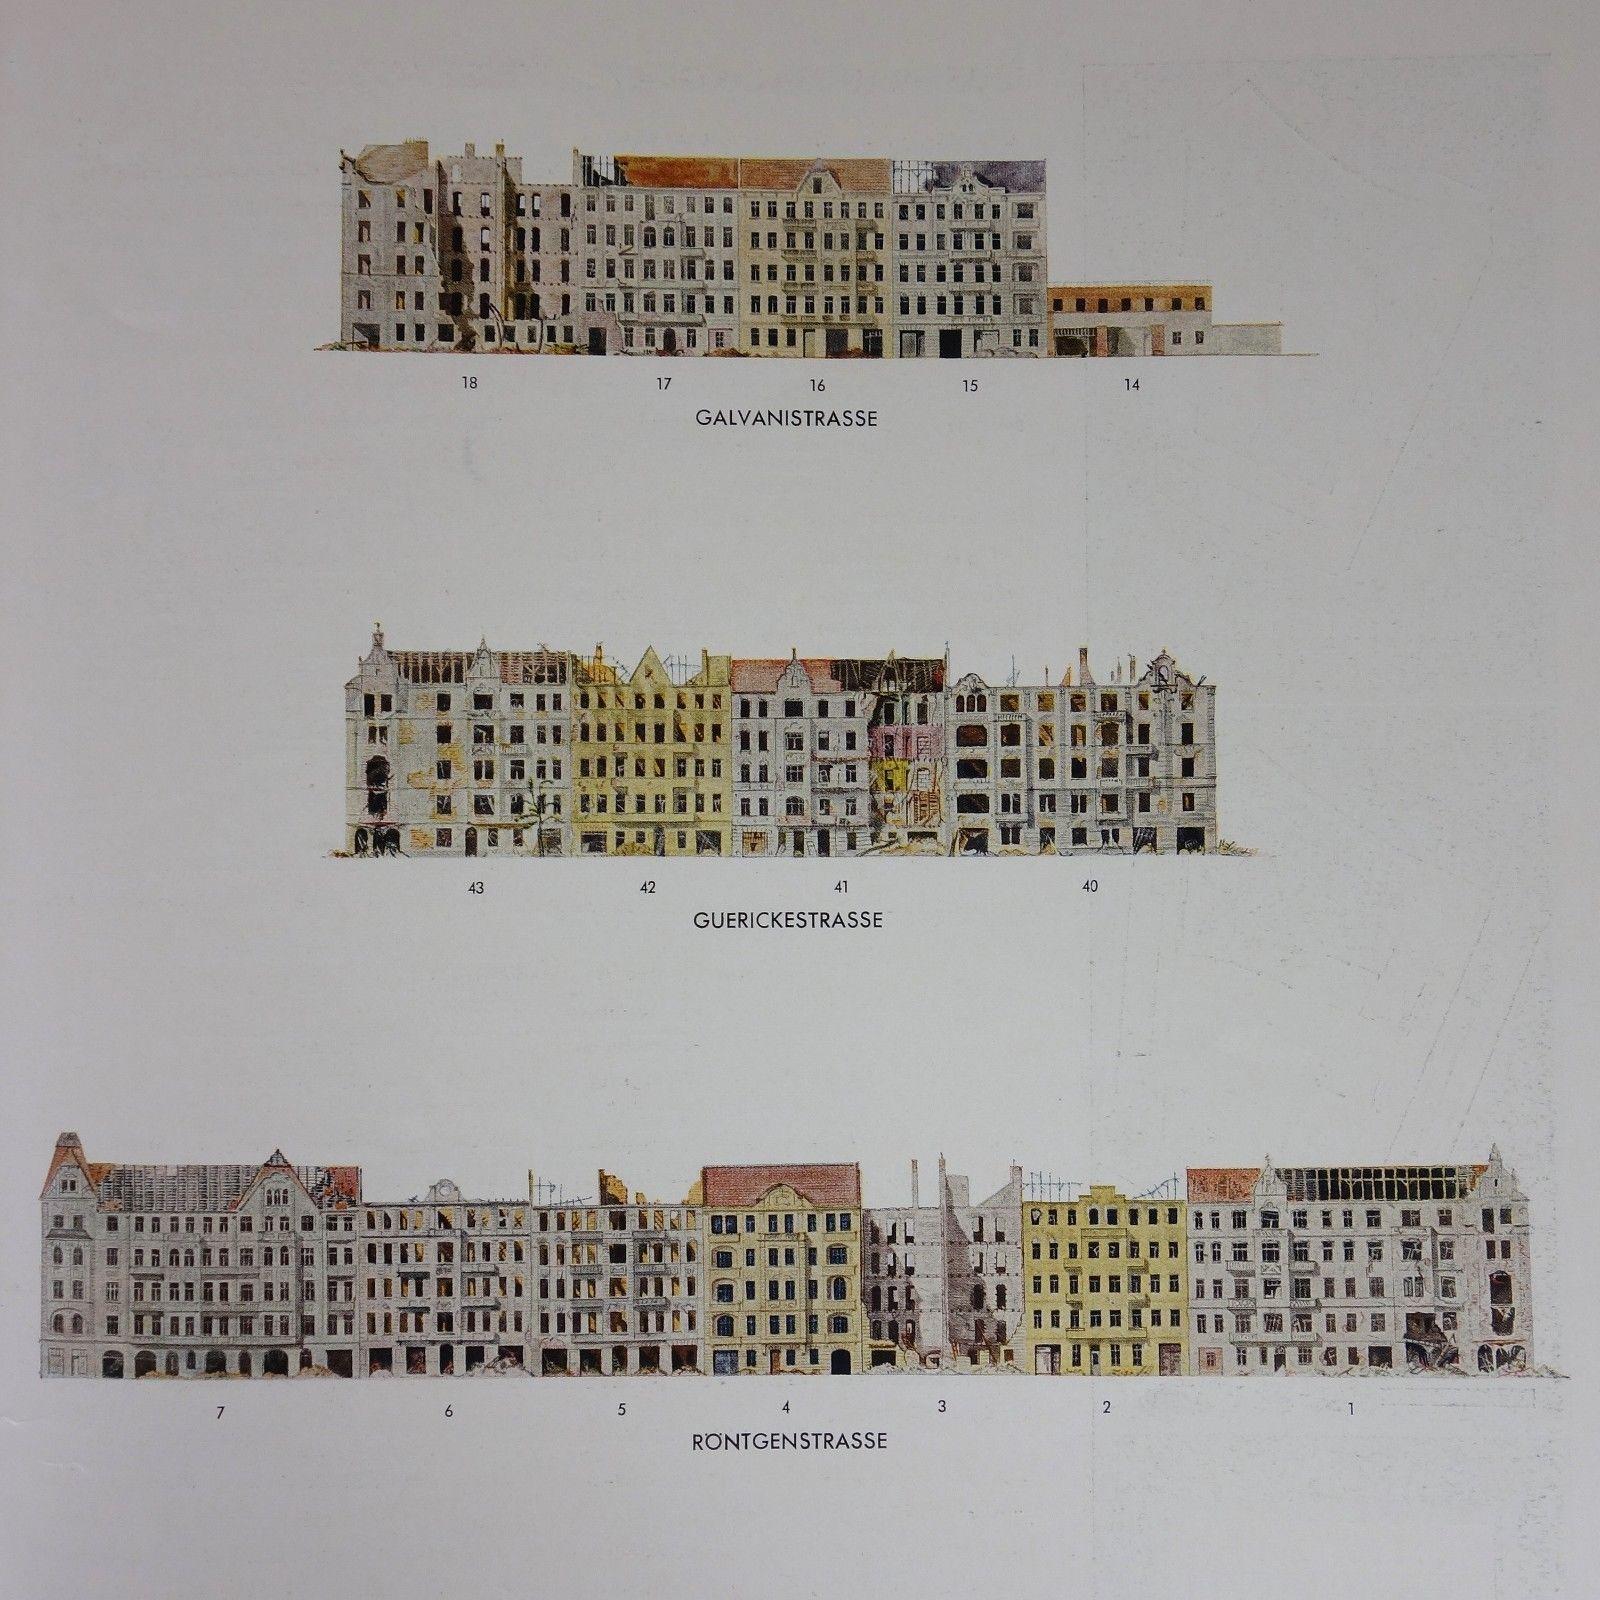 1944 - ARCHITEKTUR - Berlin Charlottenburg - WOHNUNGSBAU Weltkrieg Bombenschäden